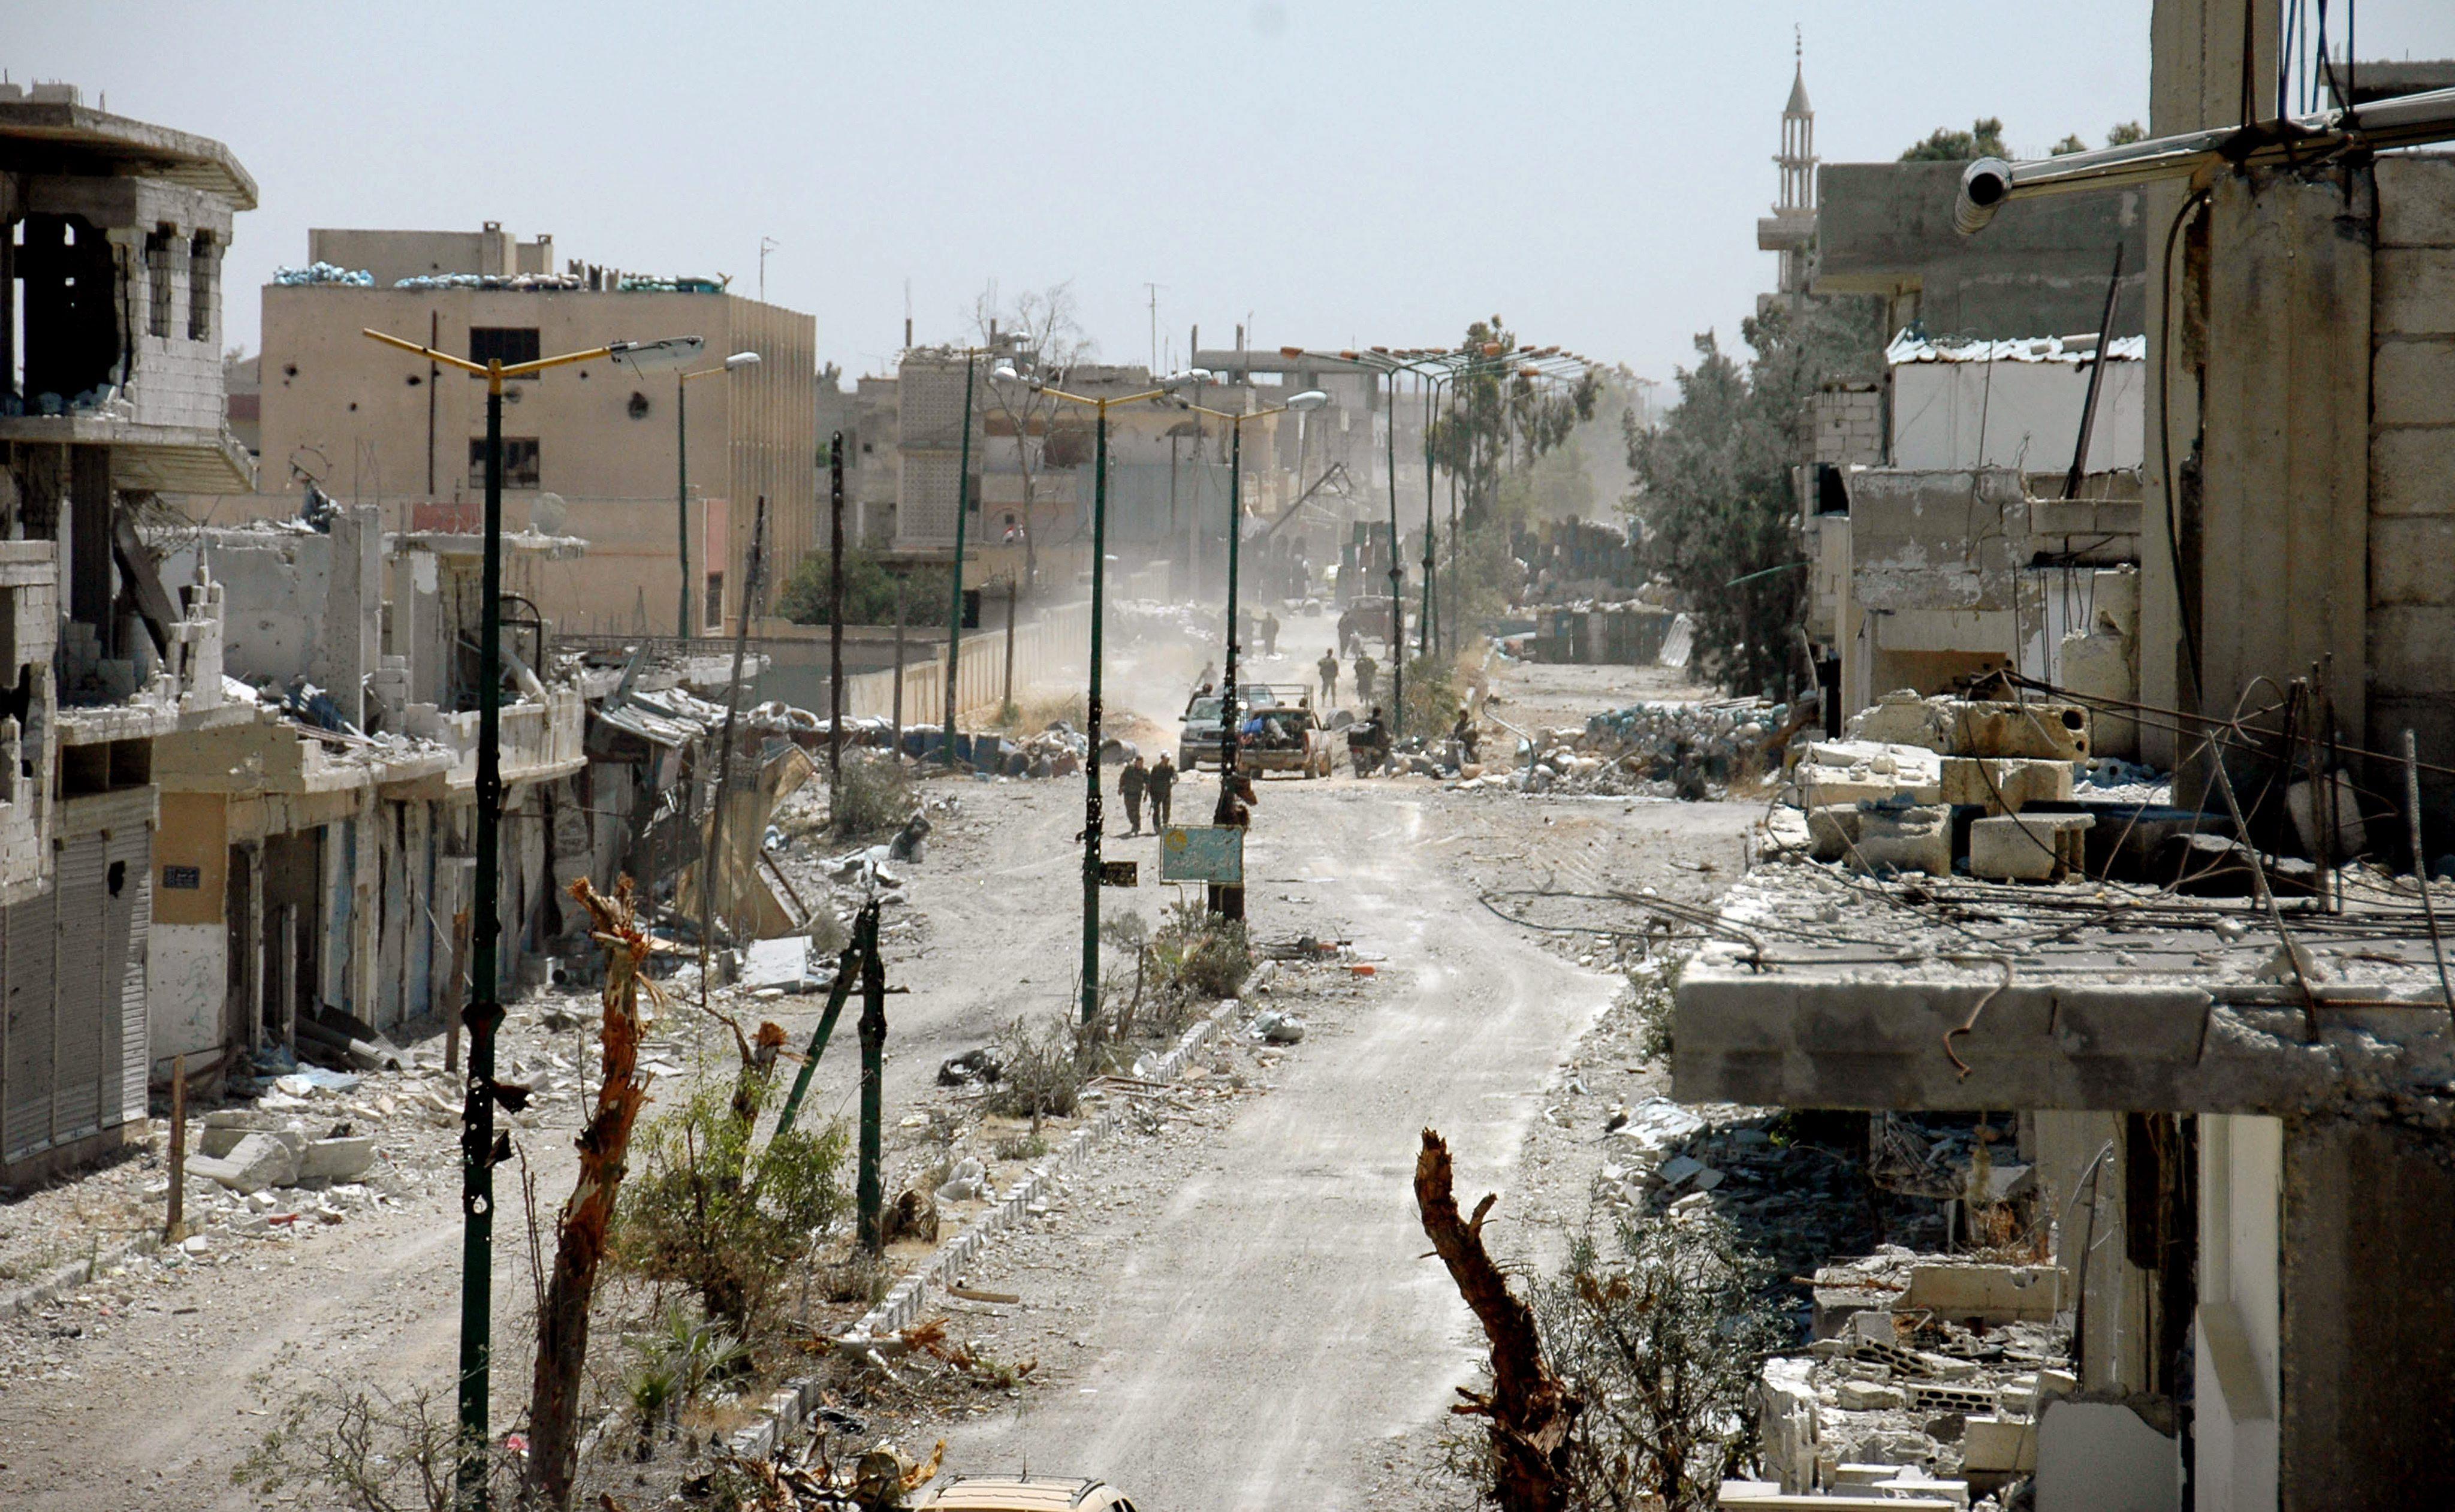 Veinte muertos en un ataque contra la vivienda de un diputado sirio, según activistas